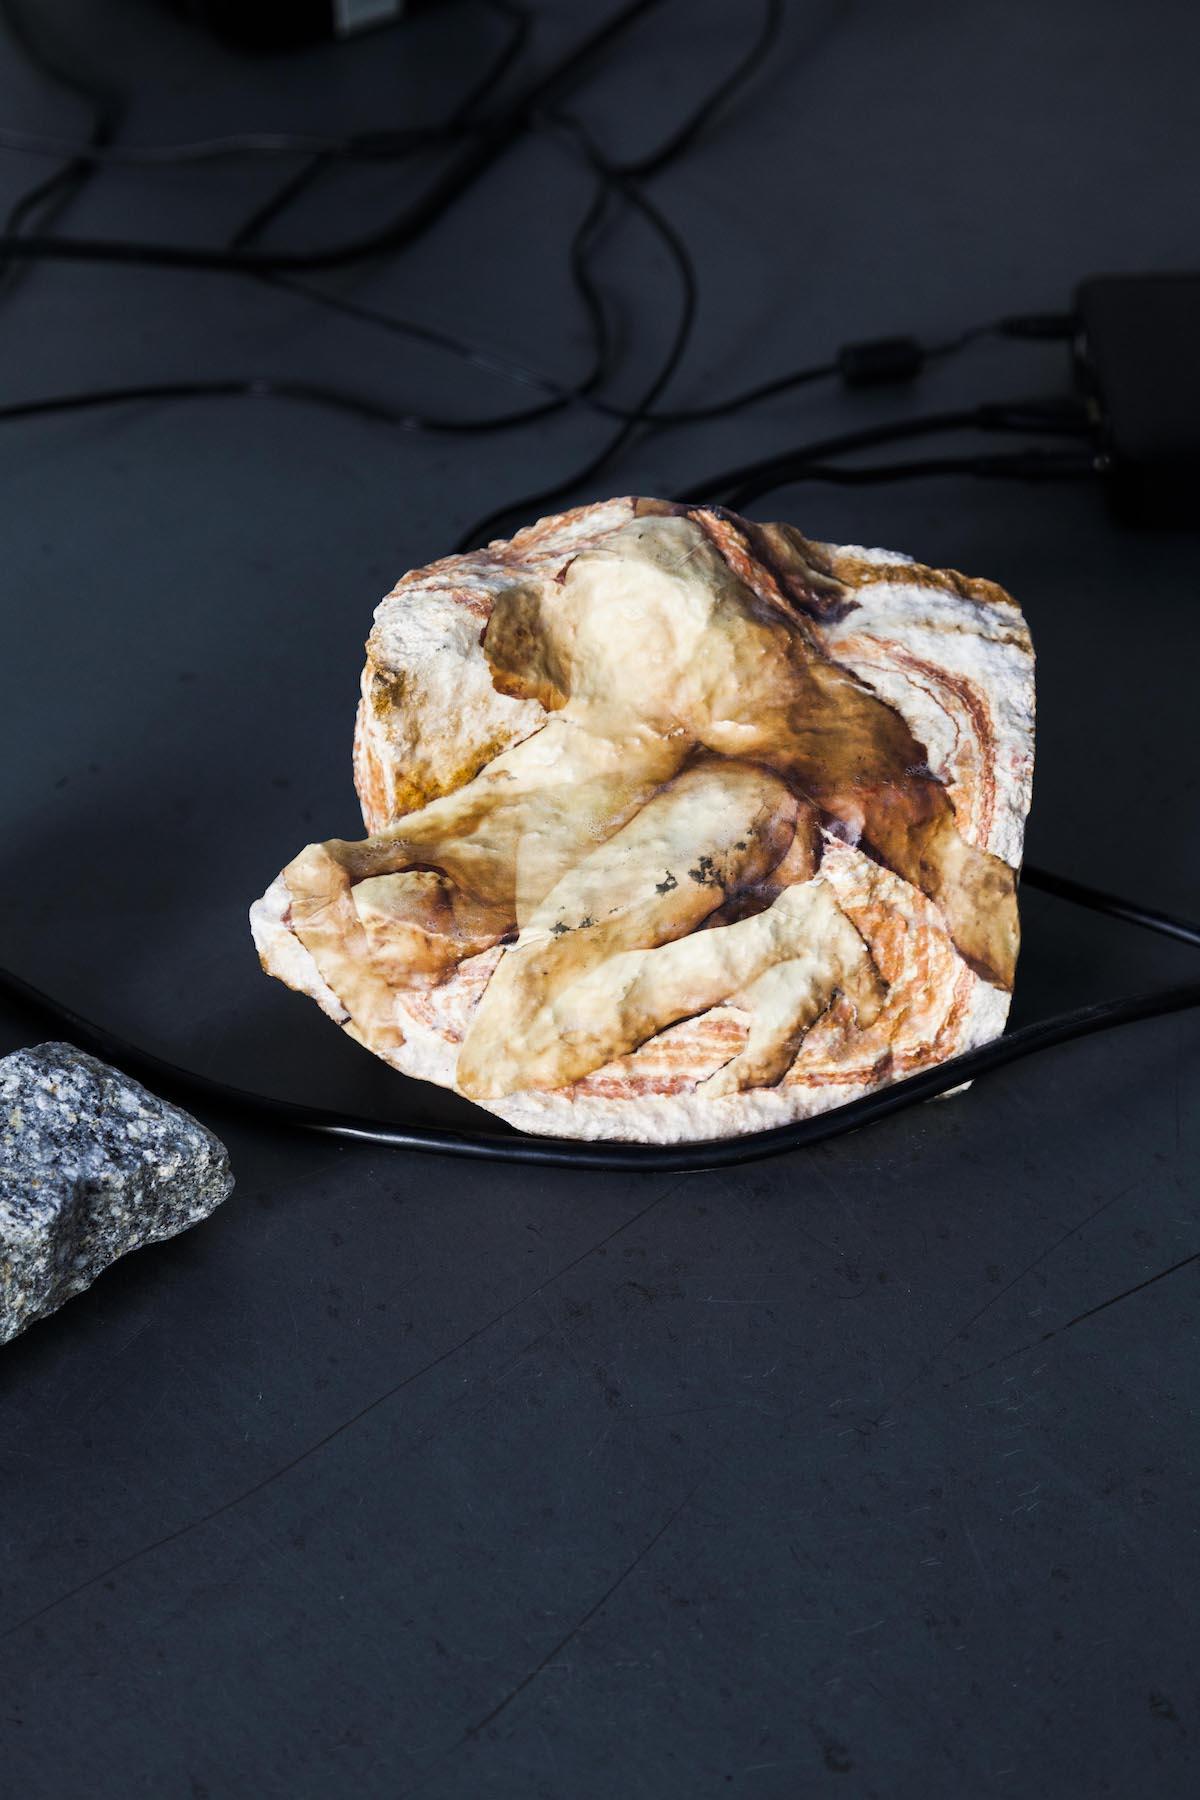 Aura Rosenberg Statues Also Fall In Love: Version II for Unklarheit Ist Die Neue Gewissheit, Unentschiedenheit DasNeue Urteil,Courtesy the artist